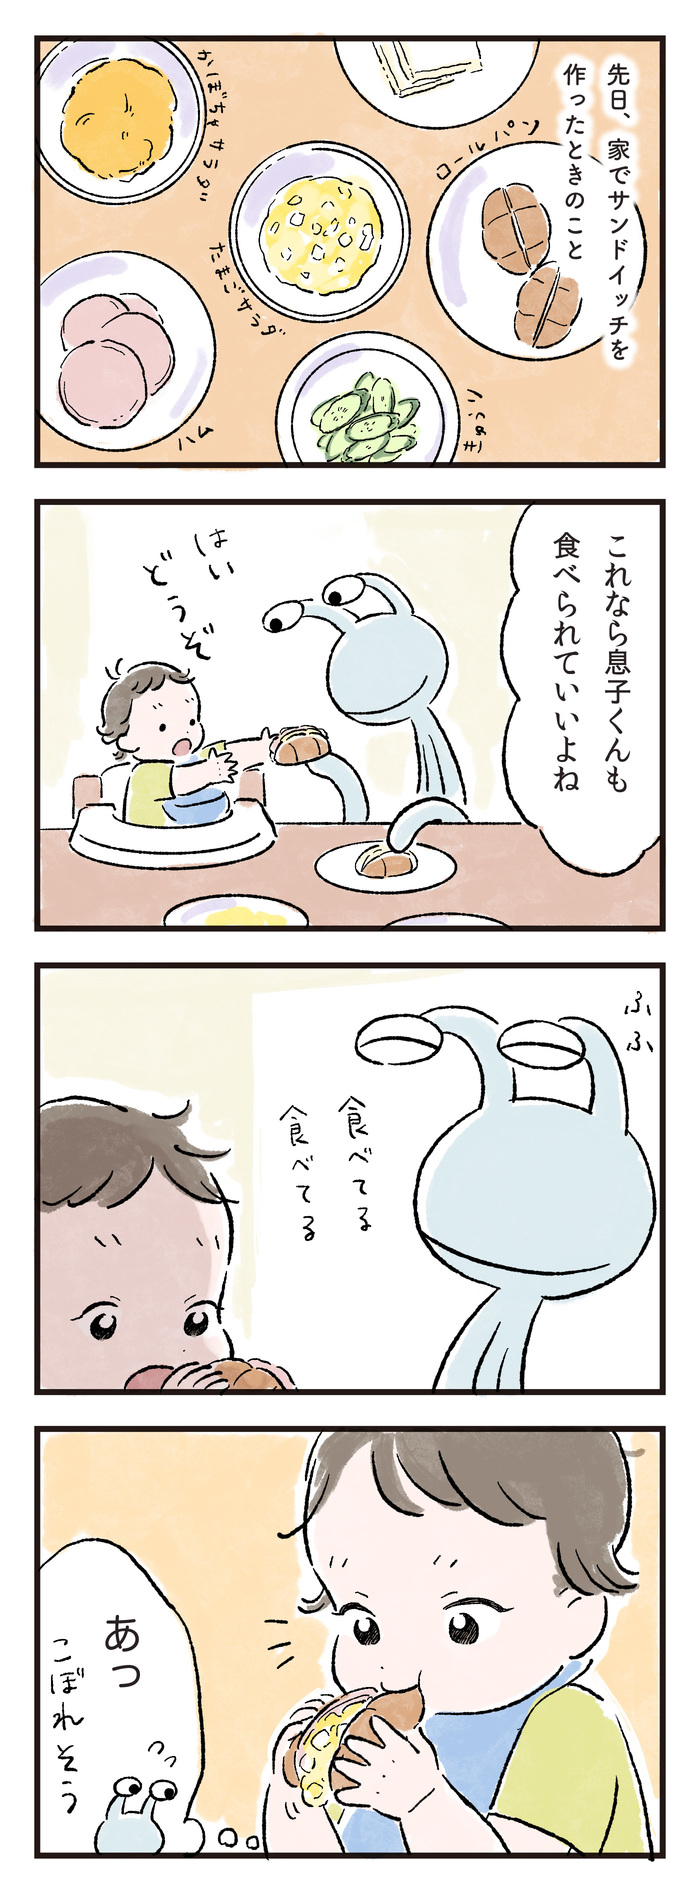 食べこぼしもおだやかに見守れる。それは、1人目の育児があったからかも。の画像1